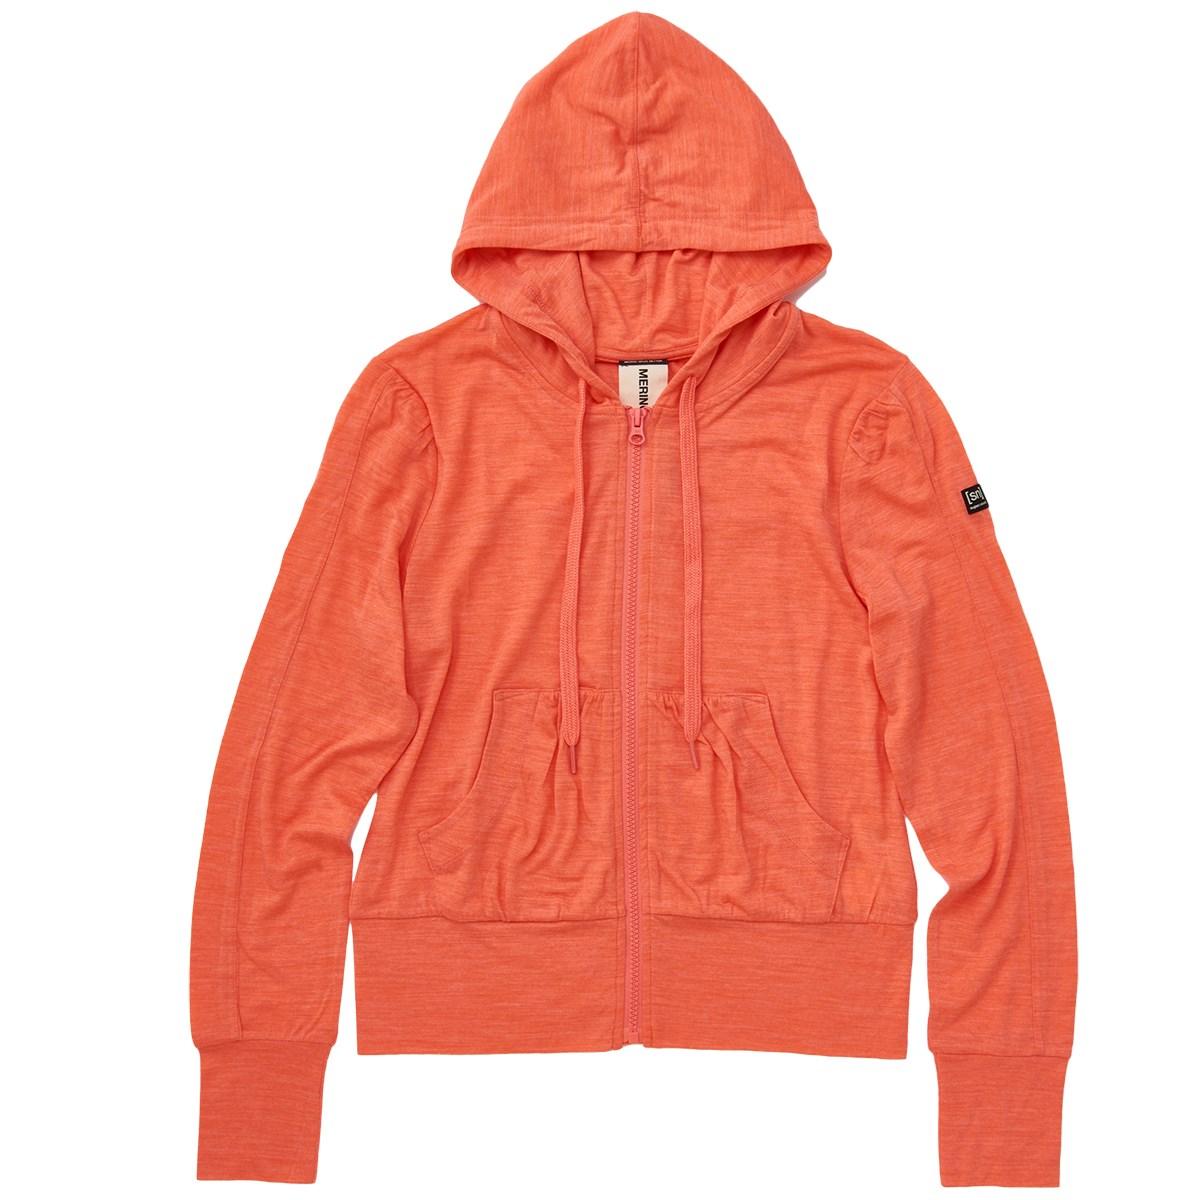 スーパーナチュラル [sn]super.natural Hooded Cover Up パーカー M ピーチ G63 レディス